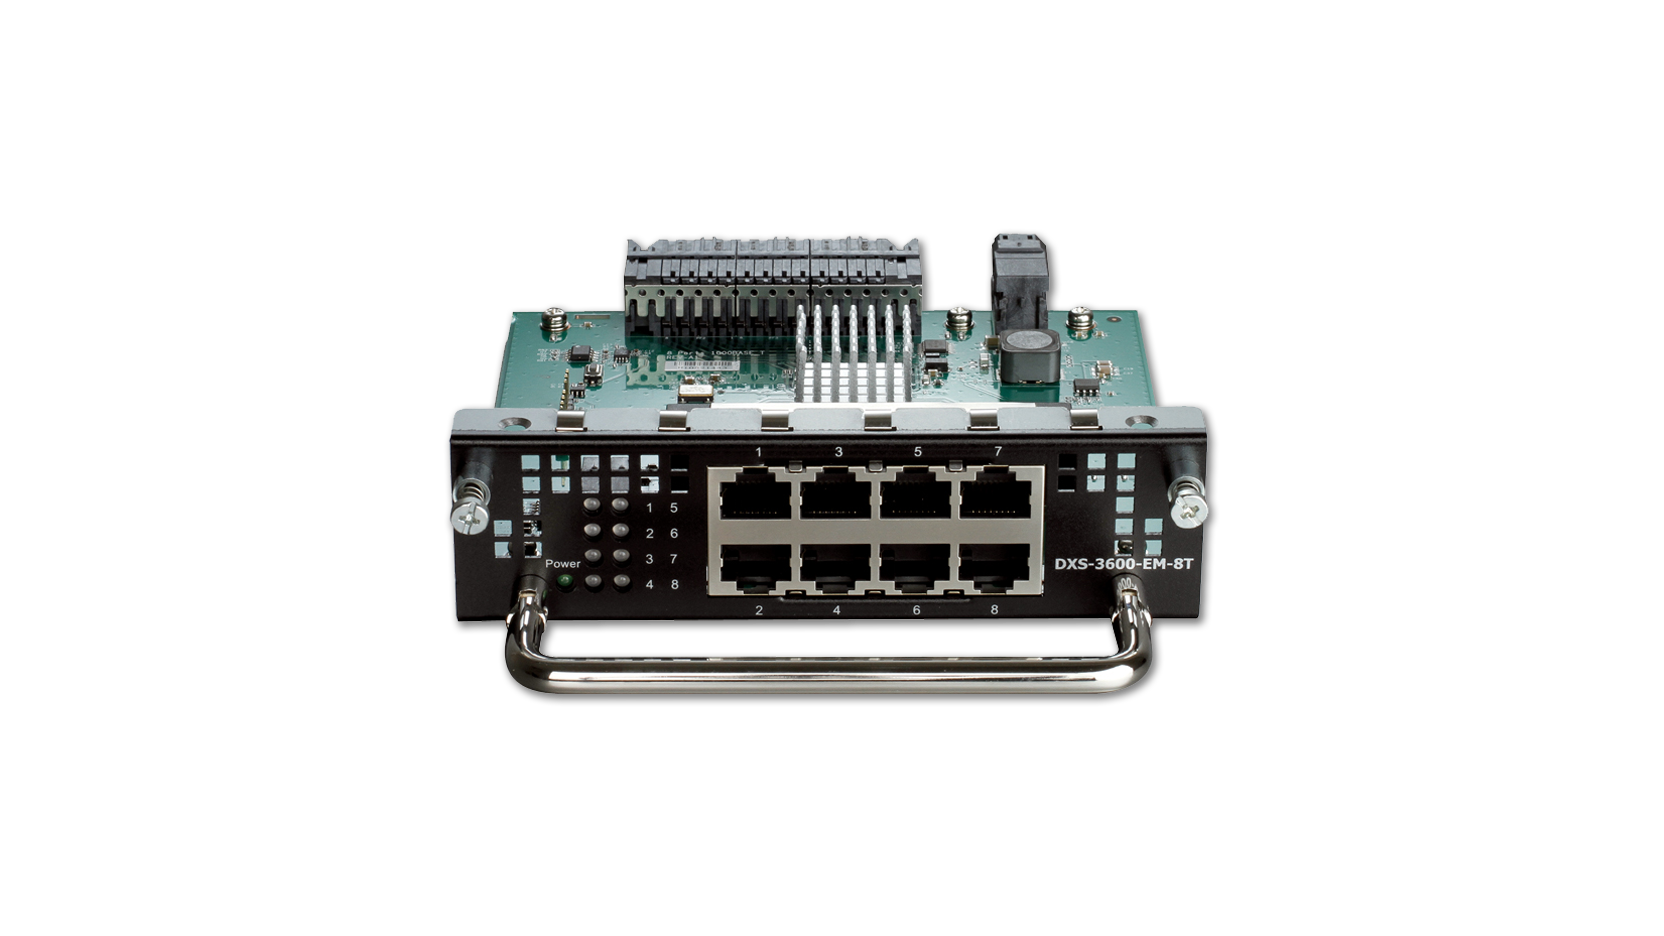 DXS-3600-EM-8T-1664×936